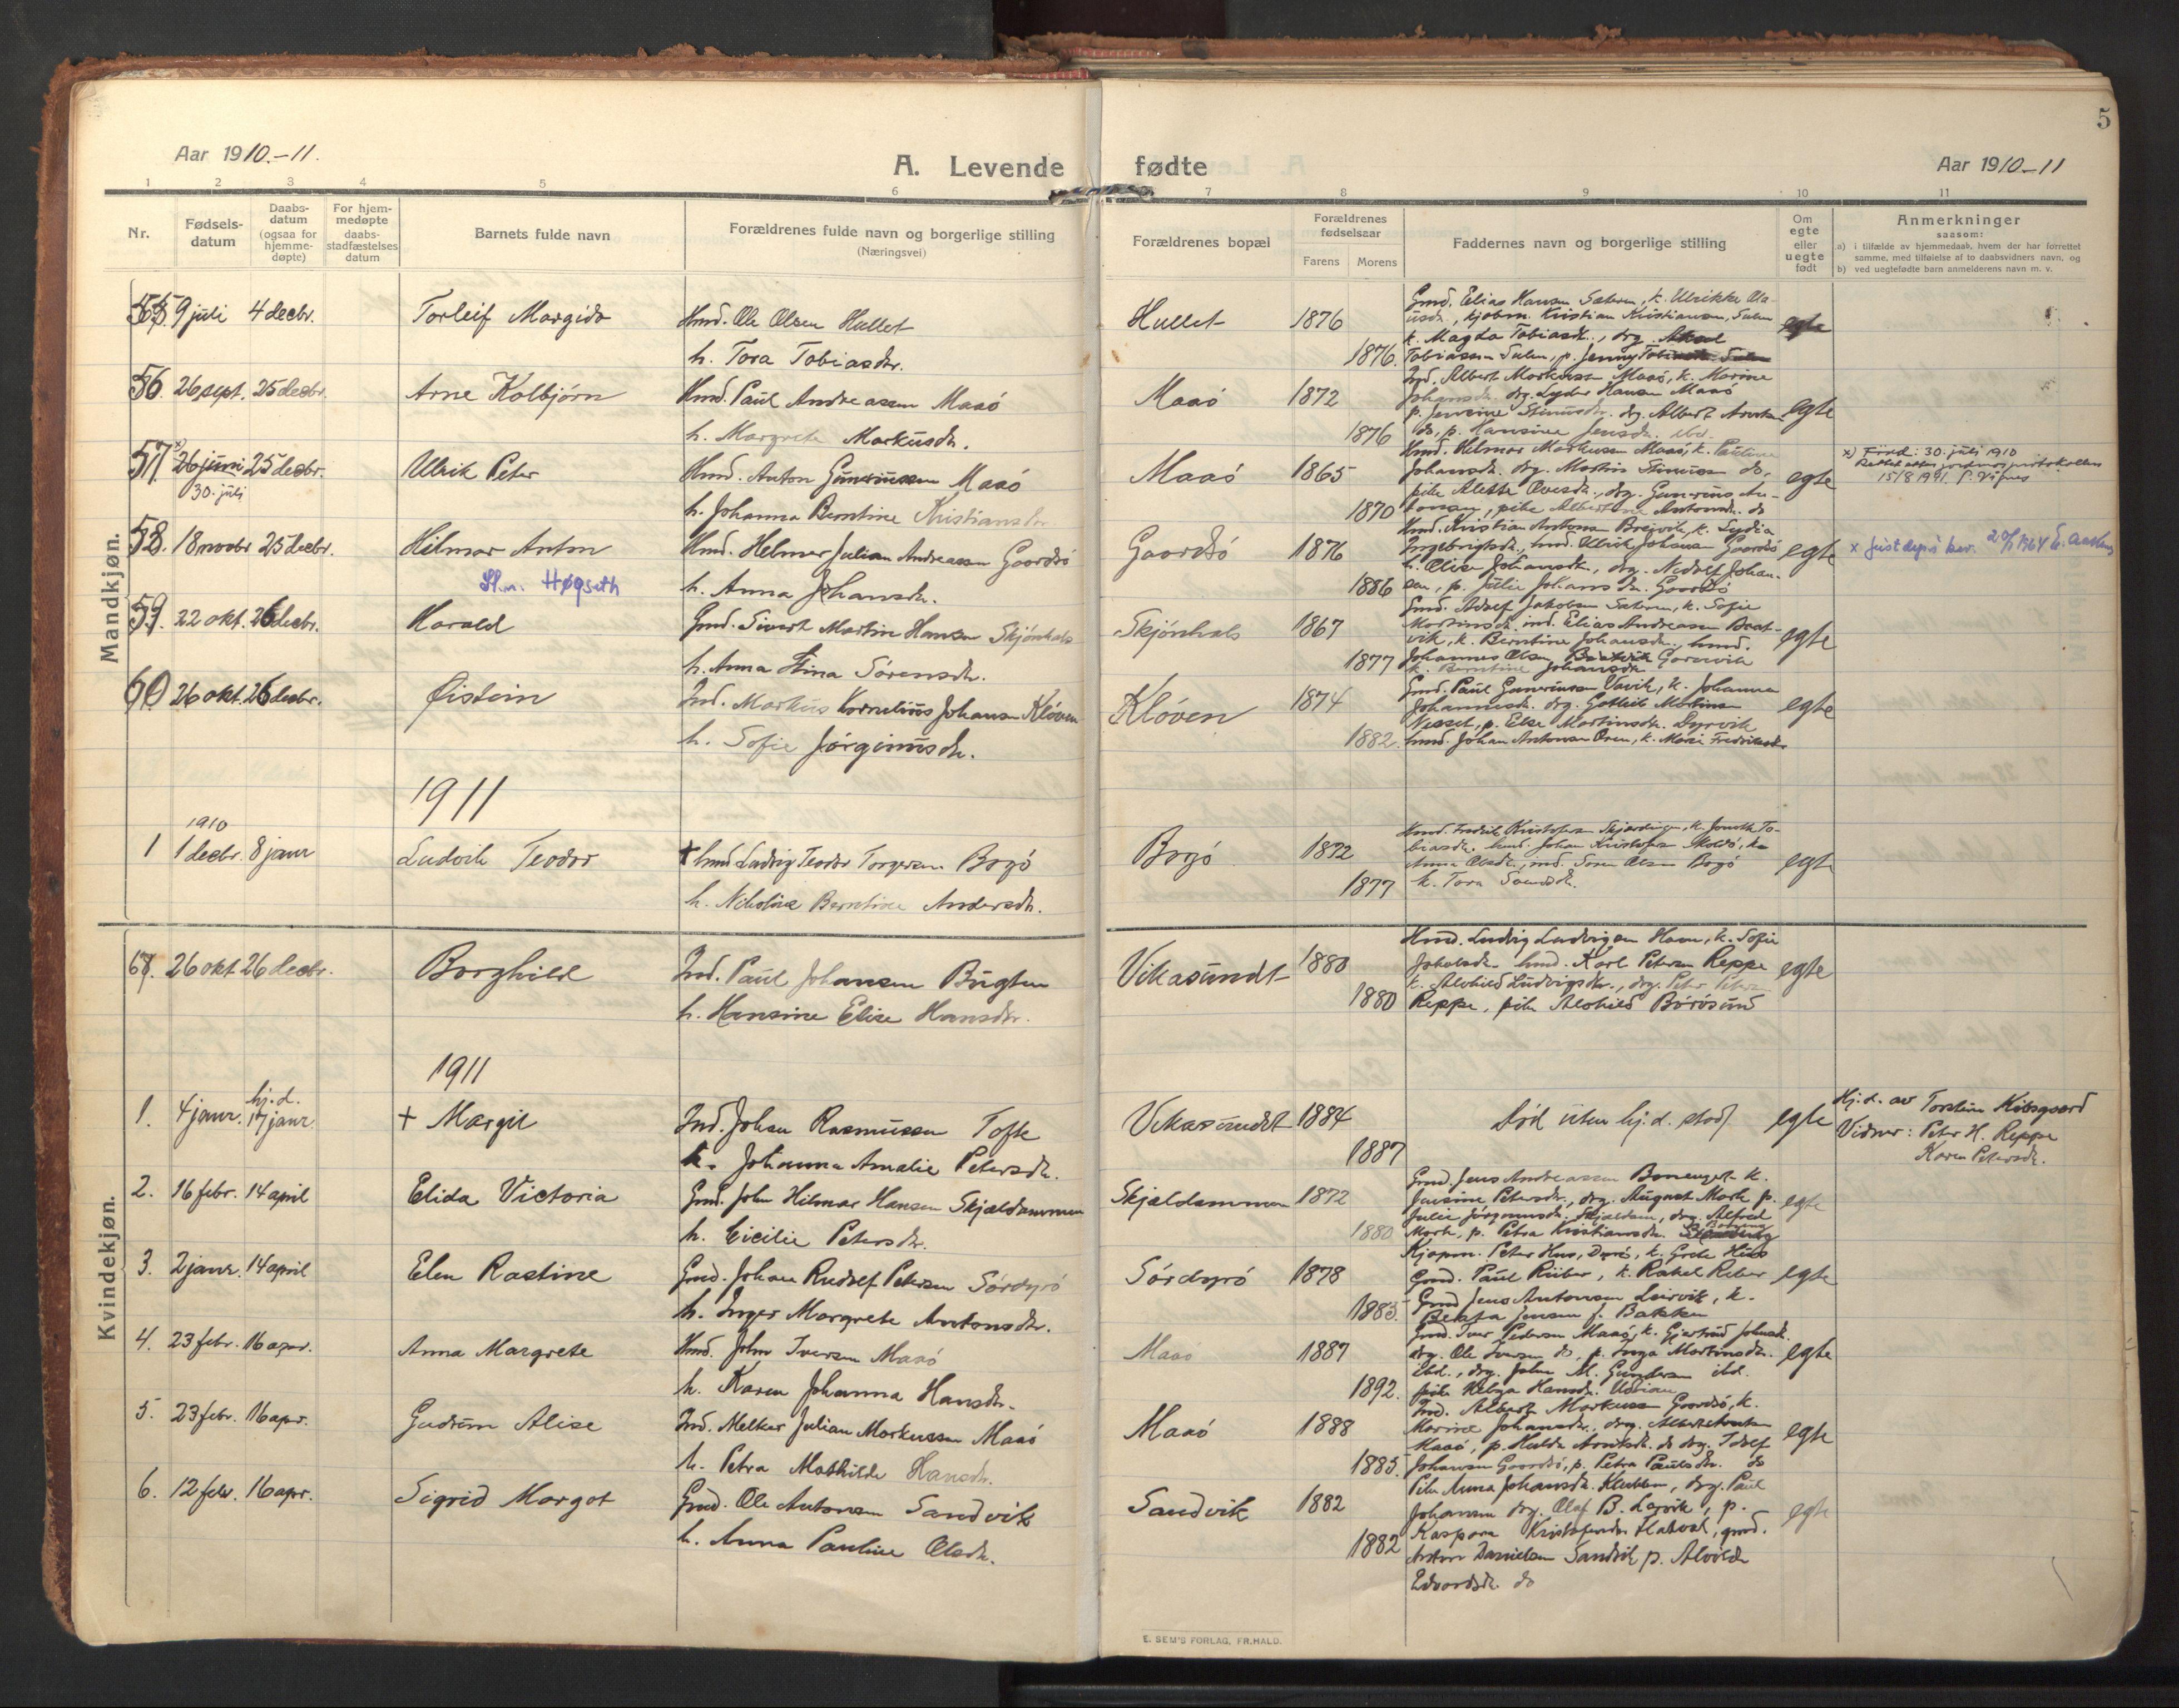 SAT, Ministerialprotokoller, klokkerbøker og fødselsregistre - Sør-Trøndelag, 640/L0581: Ministerialbok nr. 640A06, 1910-1924, s. 5